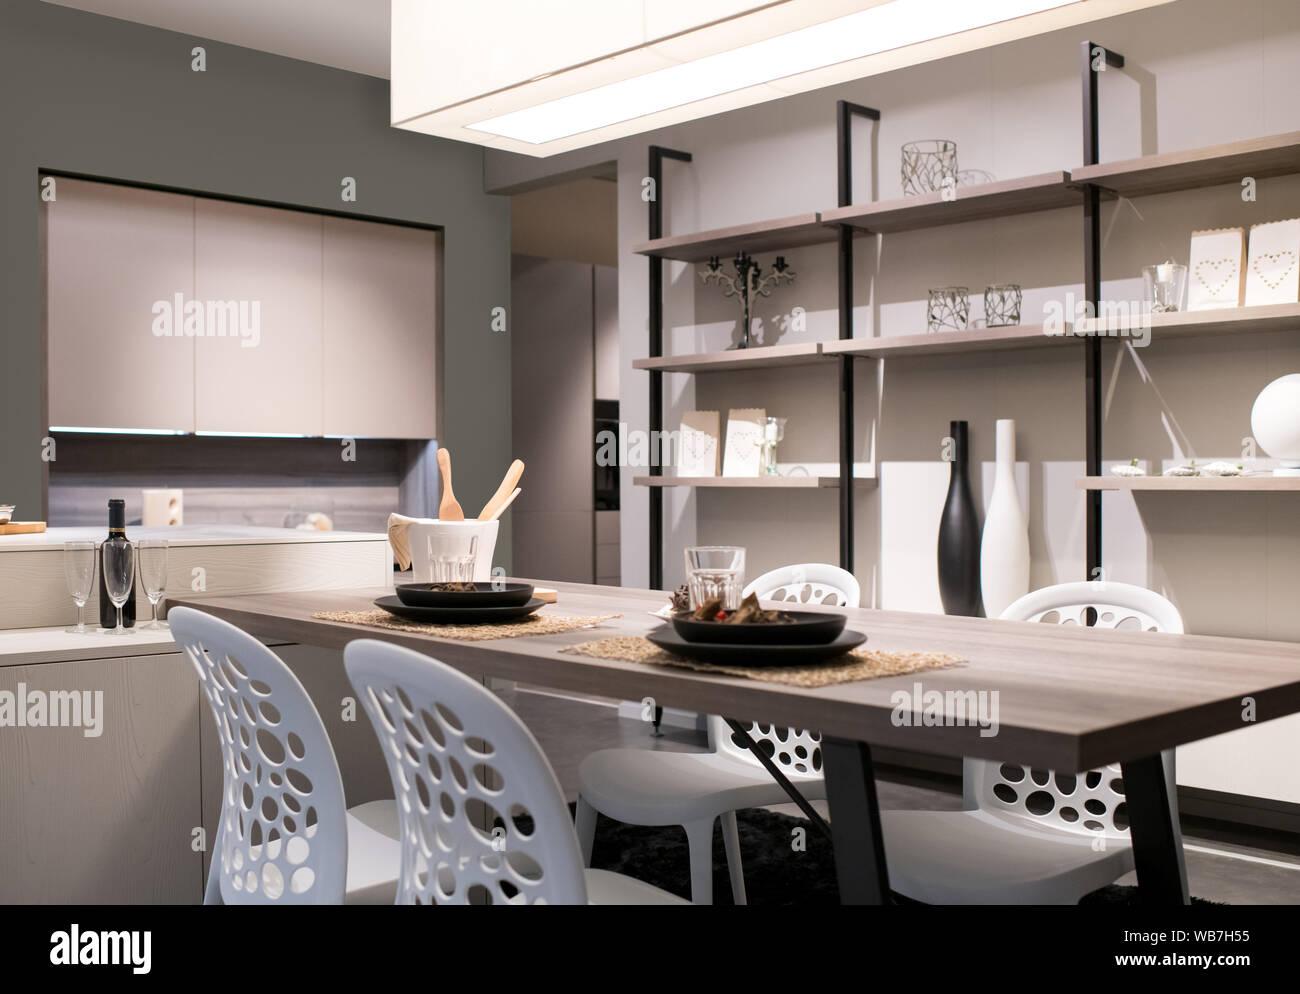 Aprire il piano cucina e sala da pranzo con neutro decor beige, scaffalature unità a parete e di un moderno tavolo e sedie illuminato da una grande overhead di luce a soffitto Foto Stock